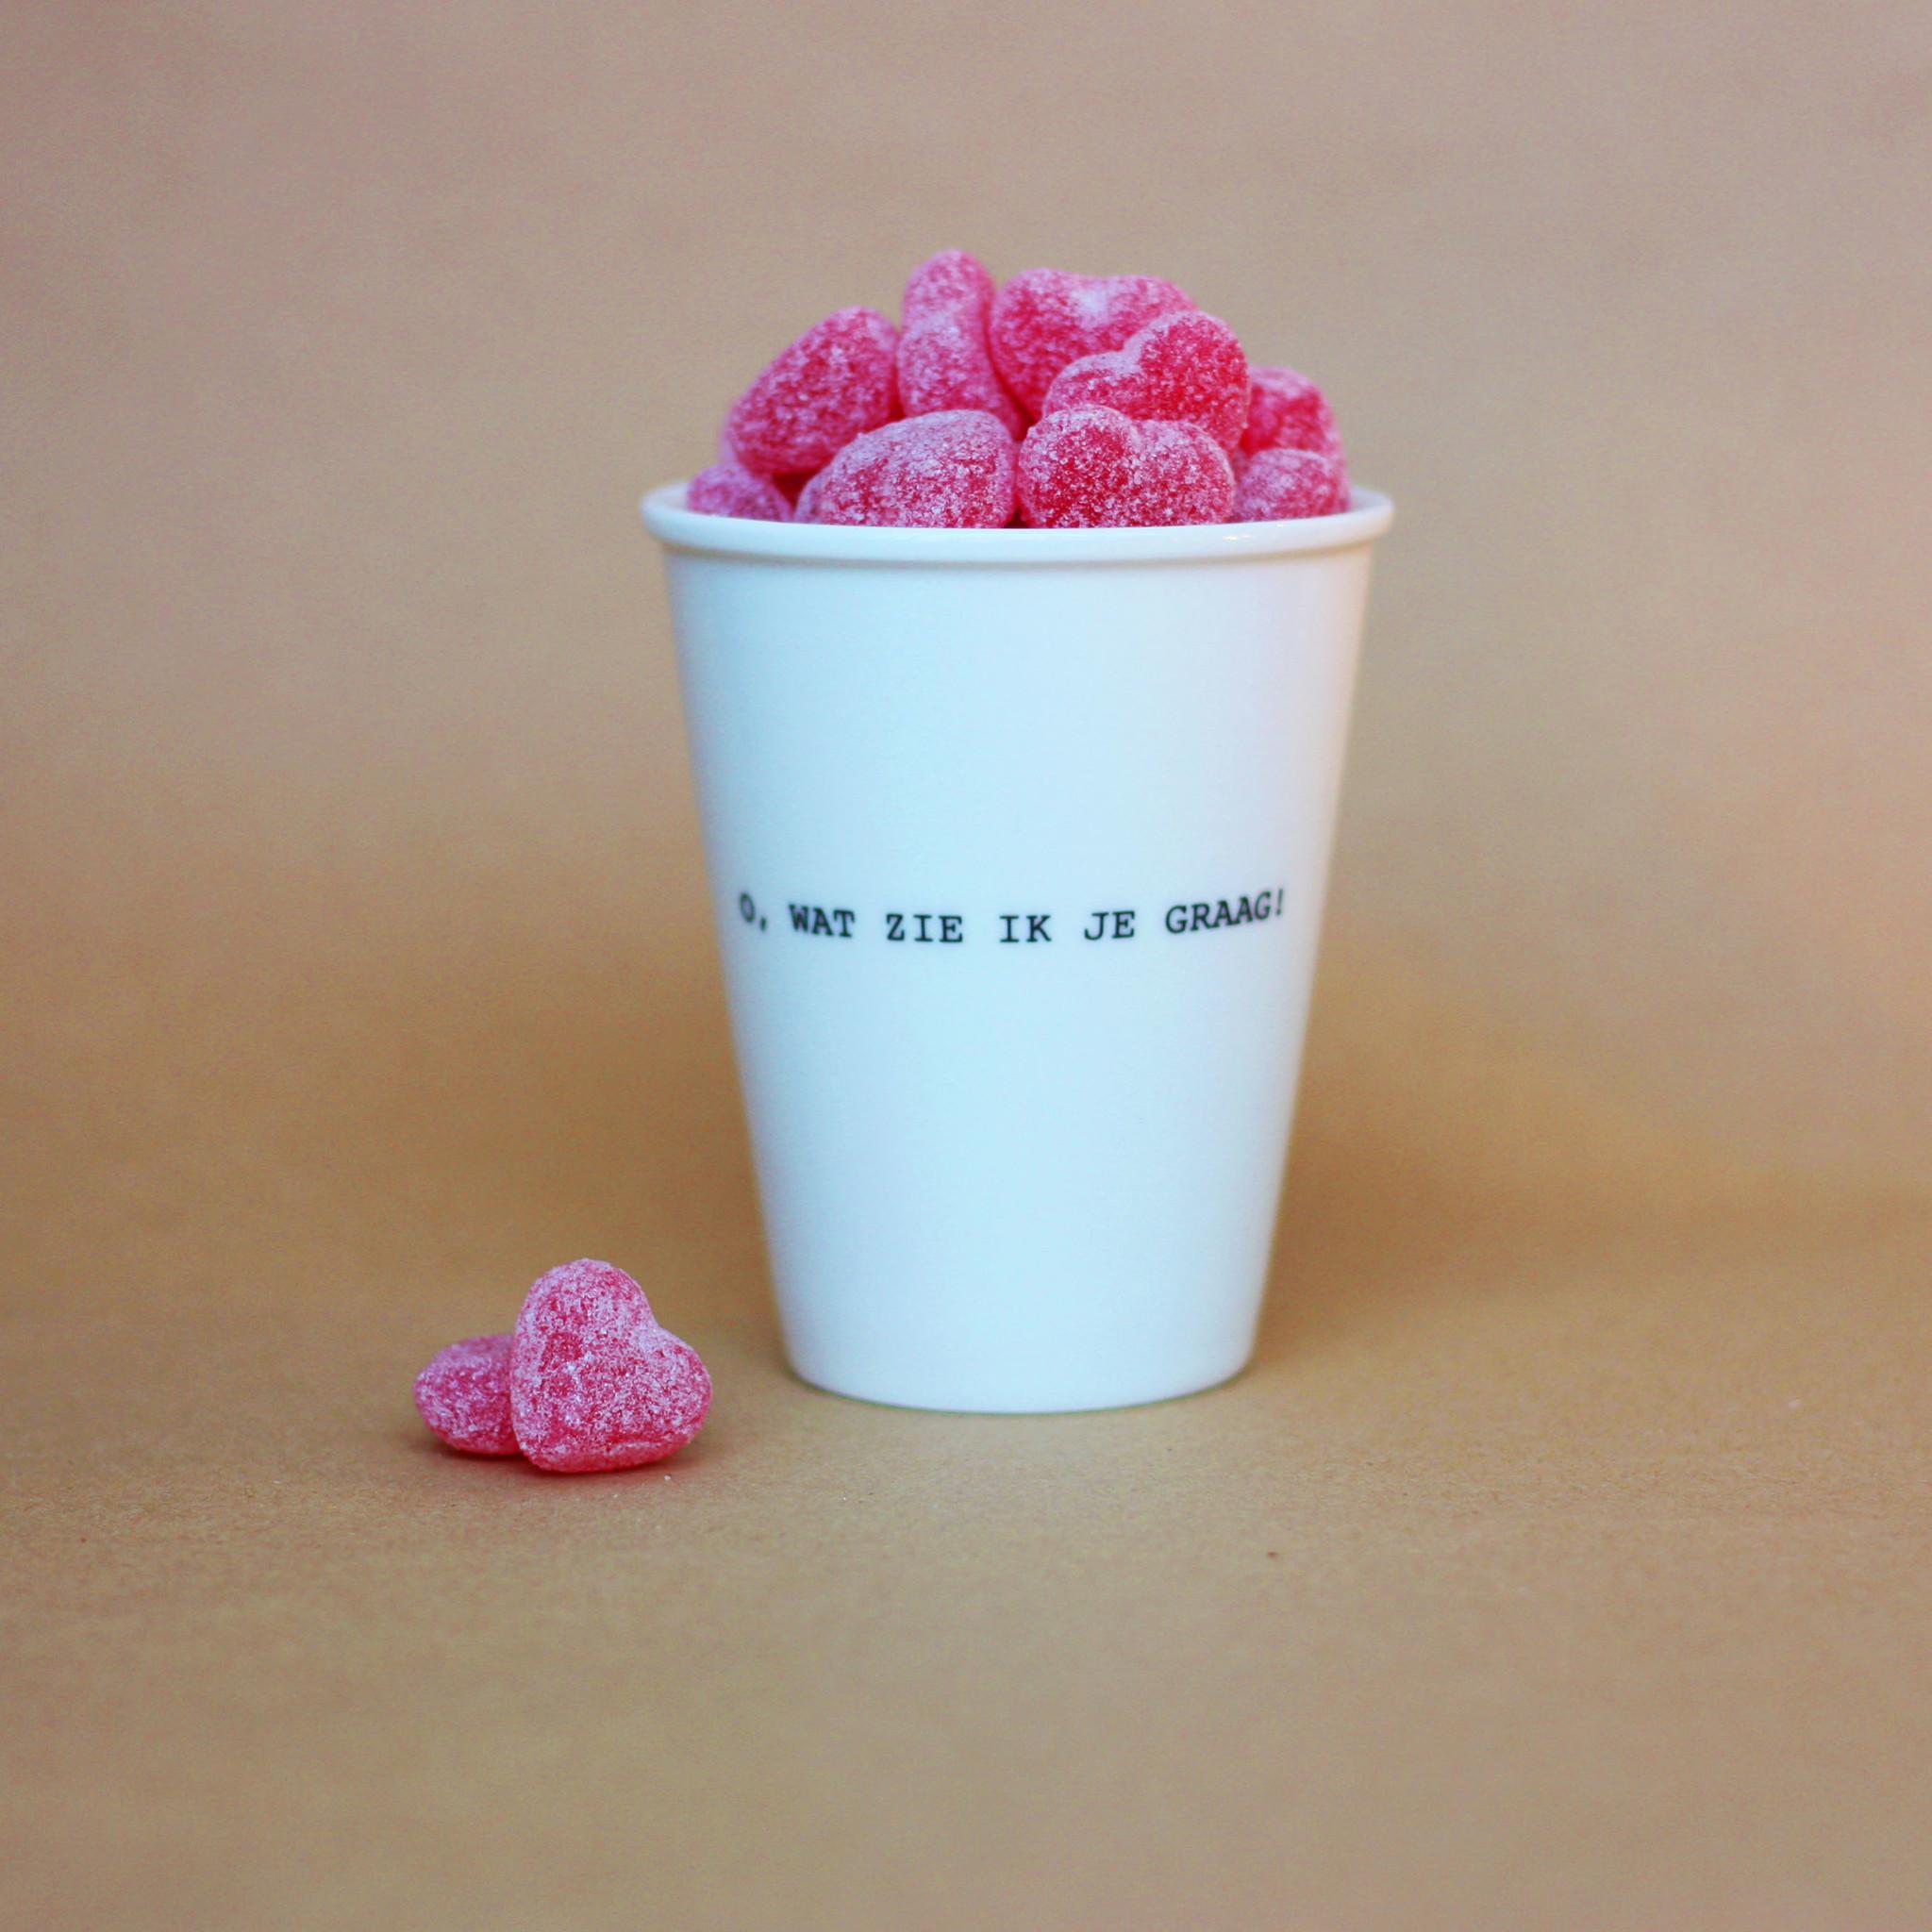 helen b Valentijnsbeker - O wat zie ik je graag